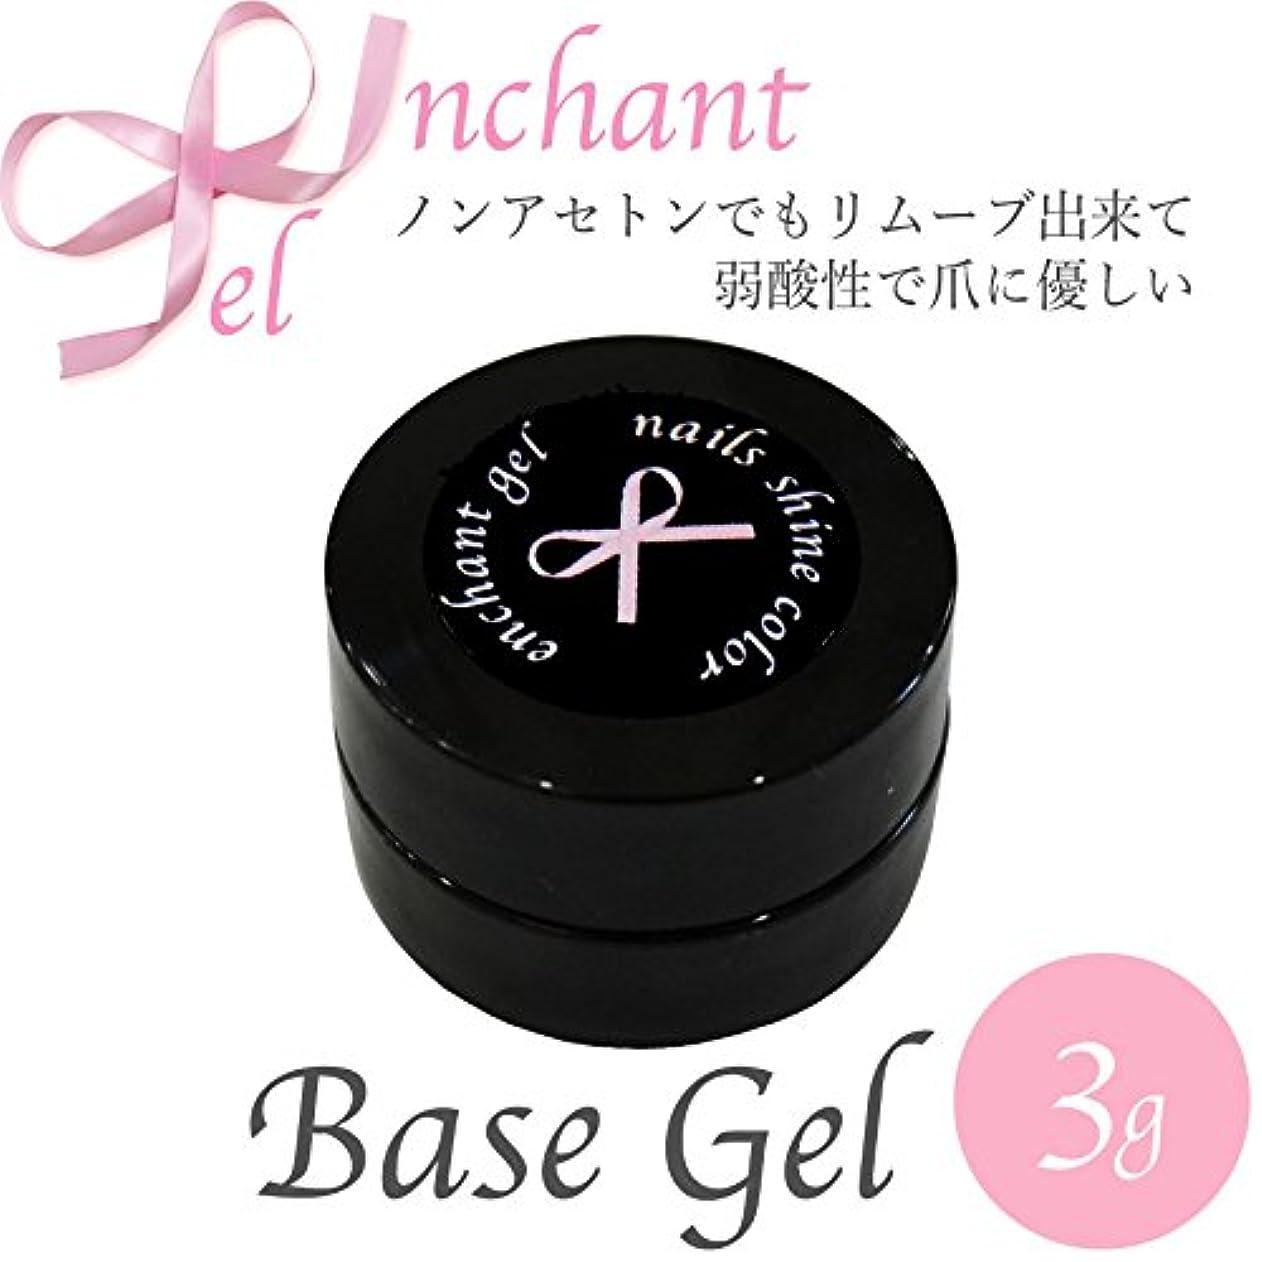 心理的カカドゥワークショップenchant gel clear base gel 3g/エンチャントジェル クリアーベースジェル 3グラム